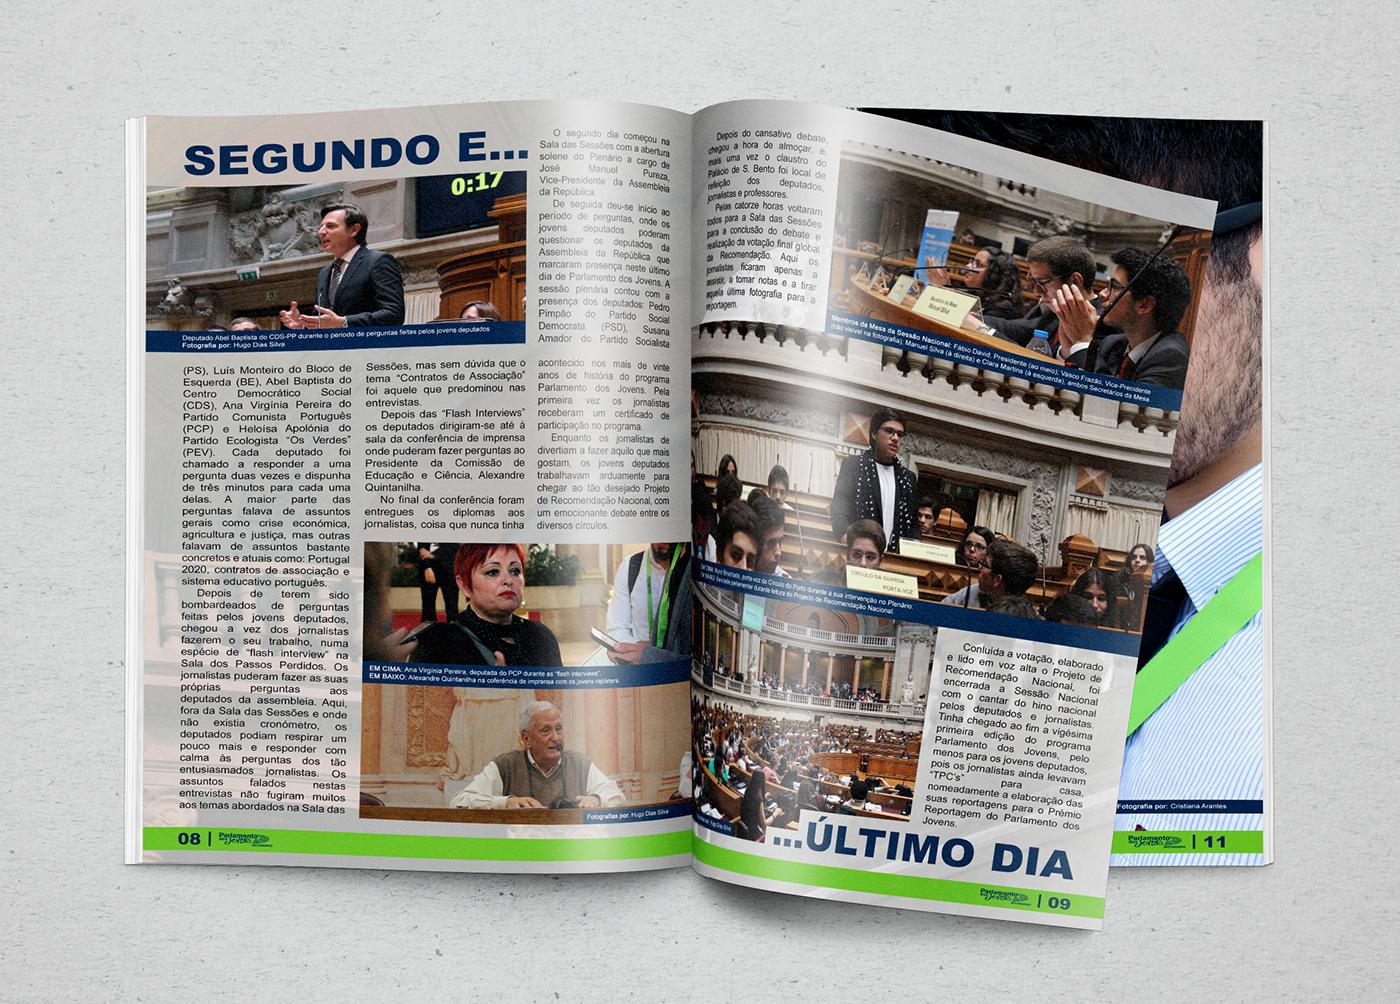 parlamento jovens INA premio hugo Dias silva ASSEMBLÉIA republica